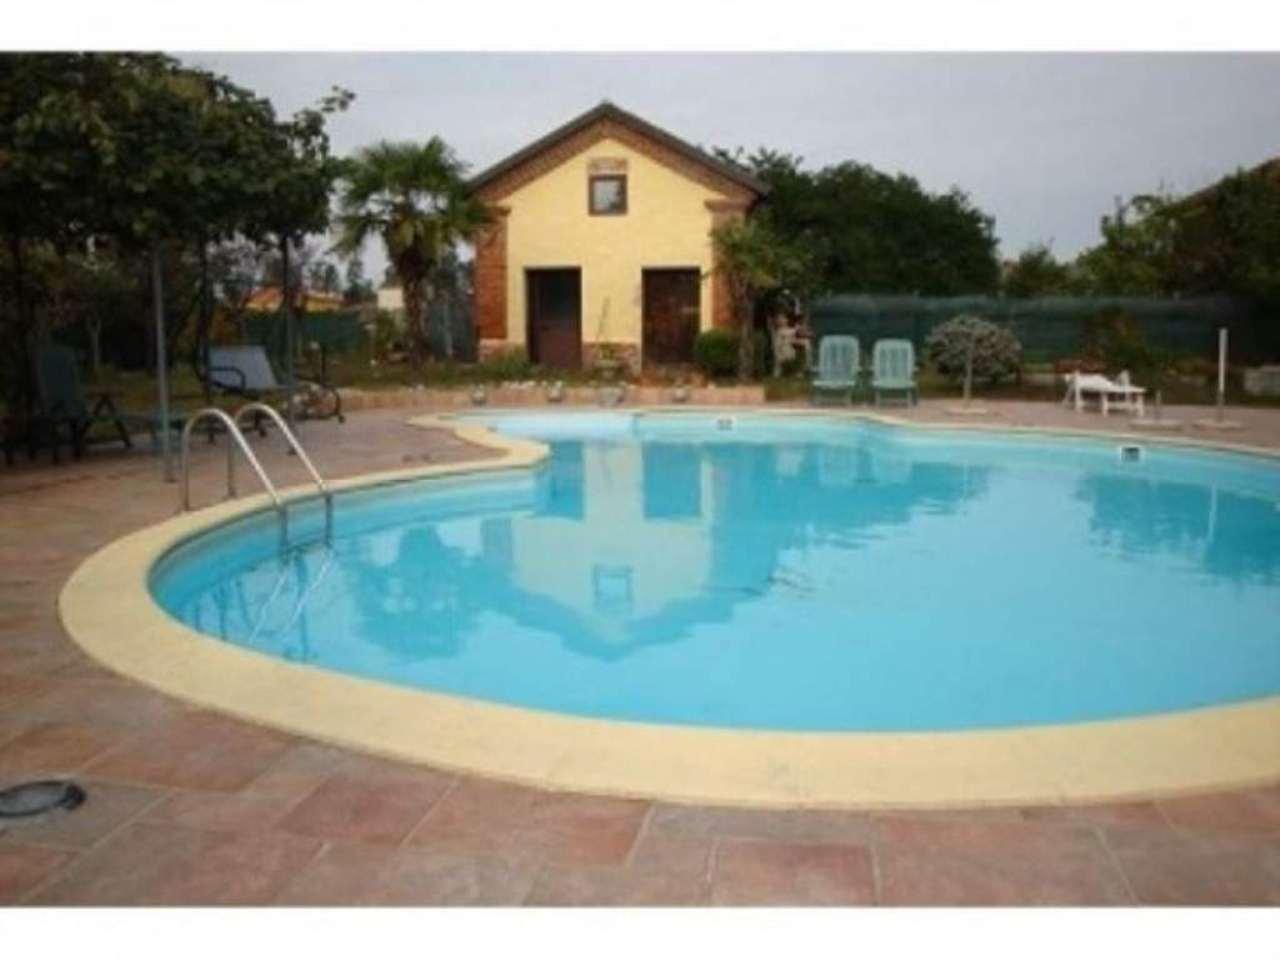 Rustico / Casale in vendita a Linarolo, 6 locali, prezzo € 700.000 | Cambio Casa.it